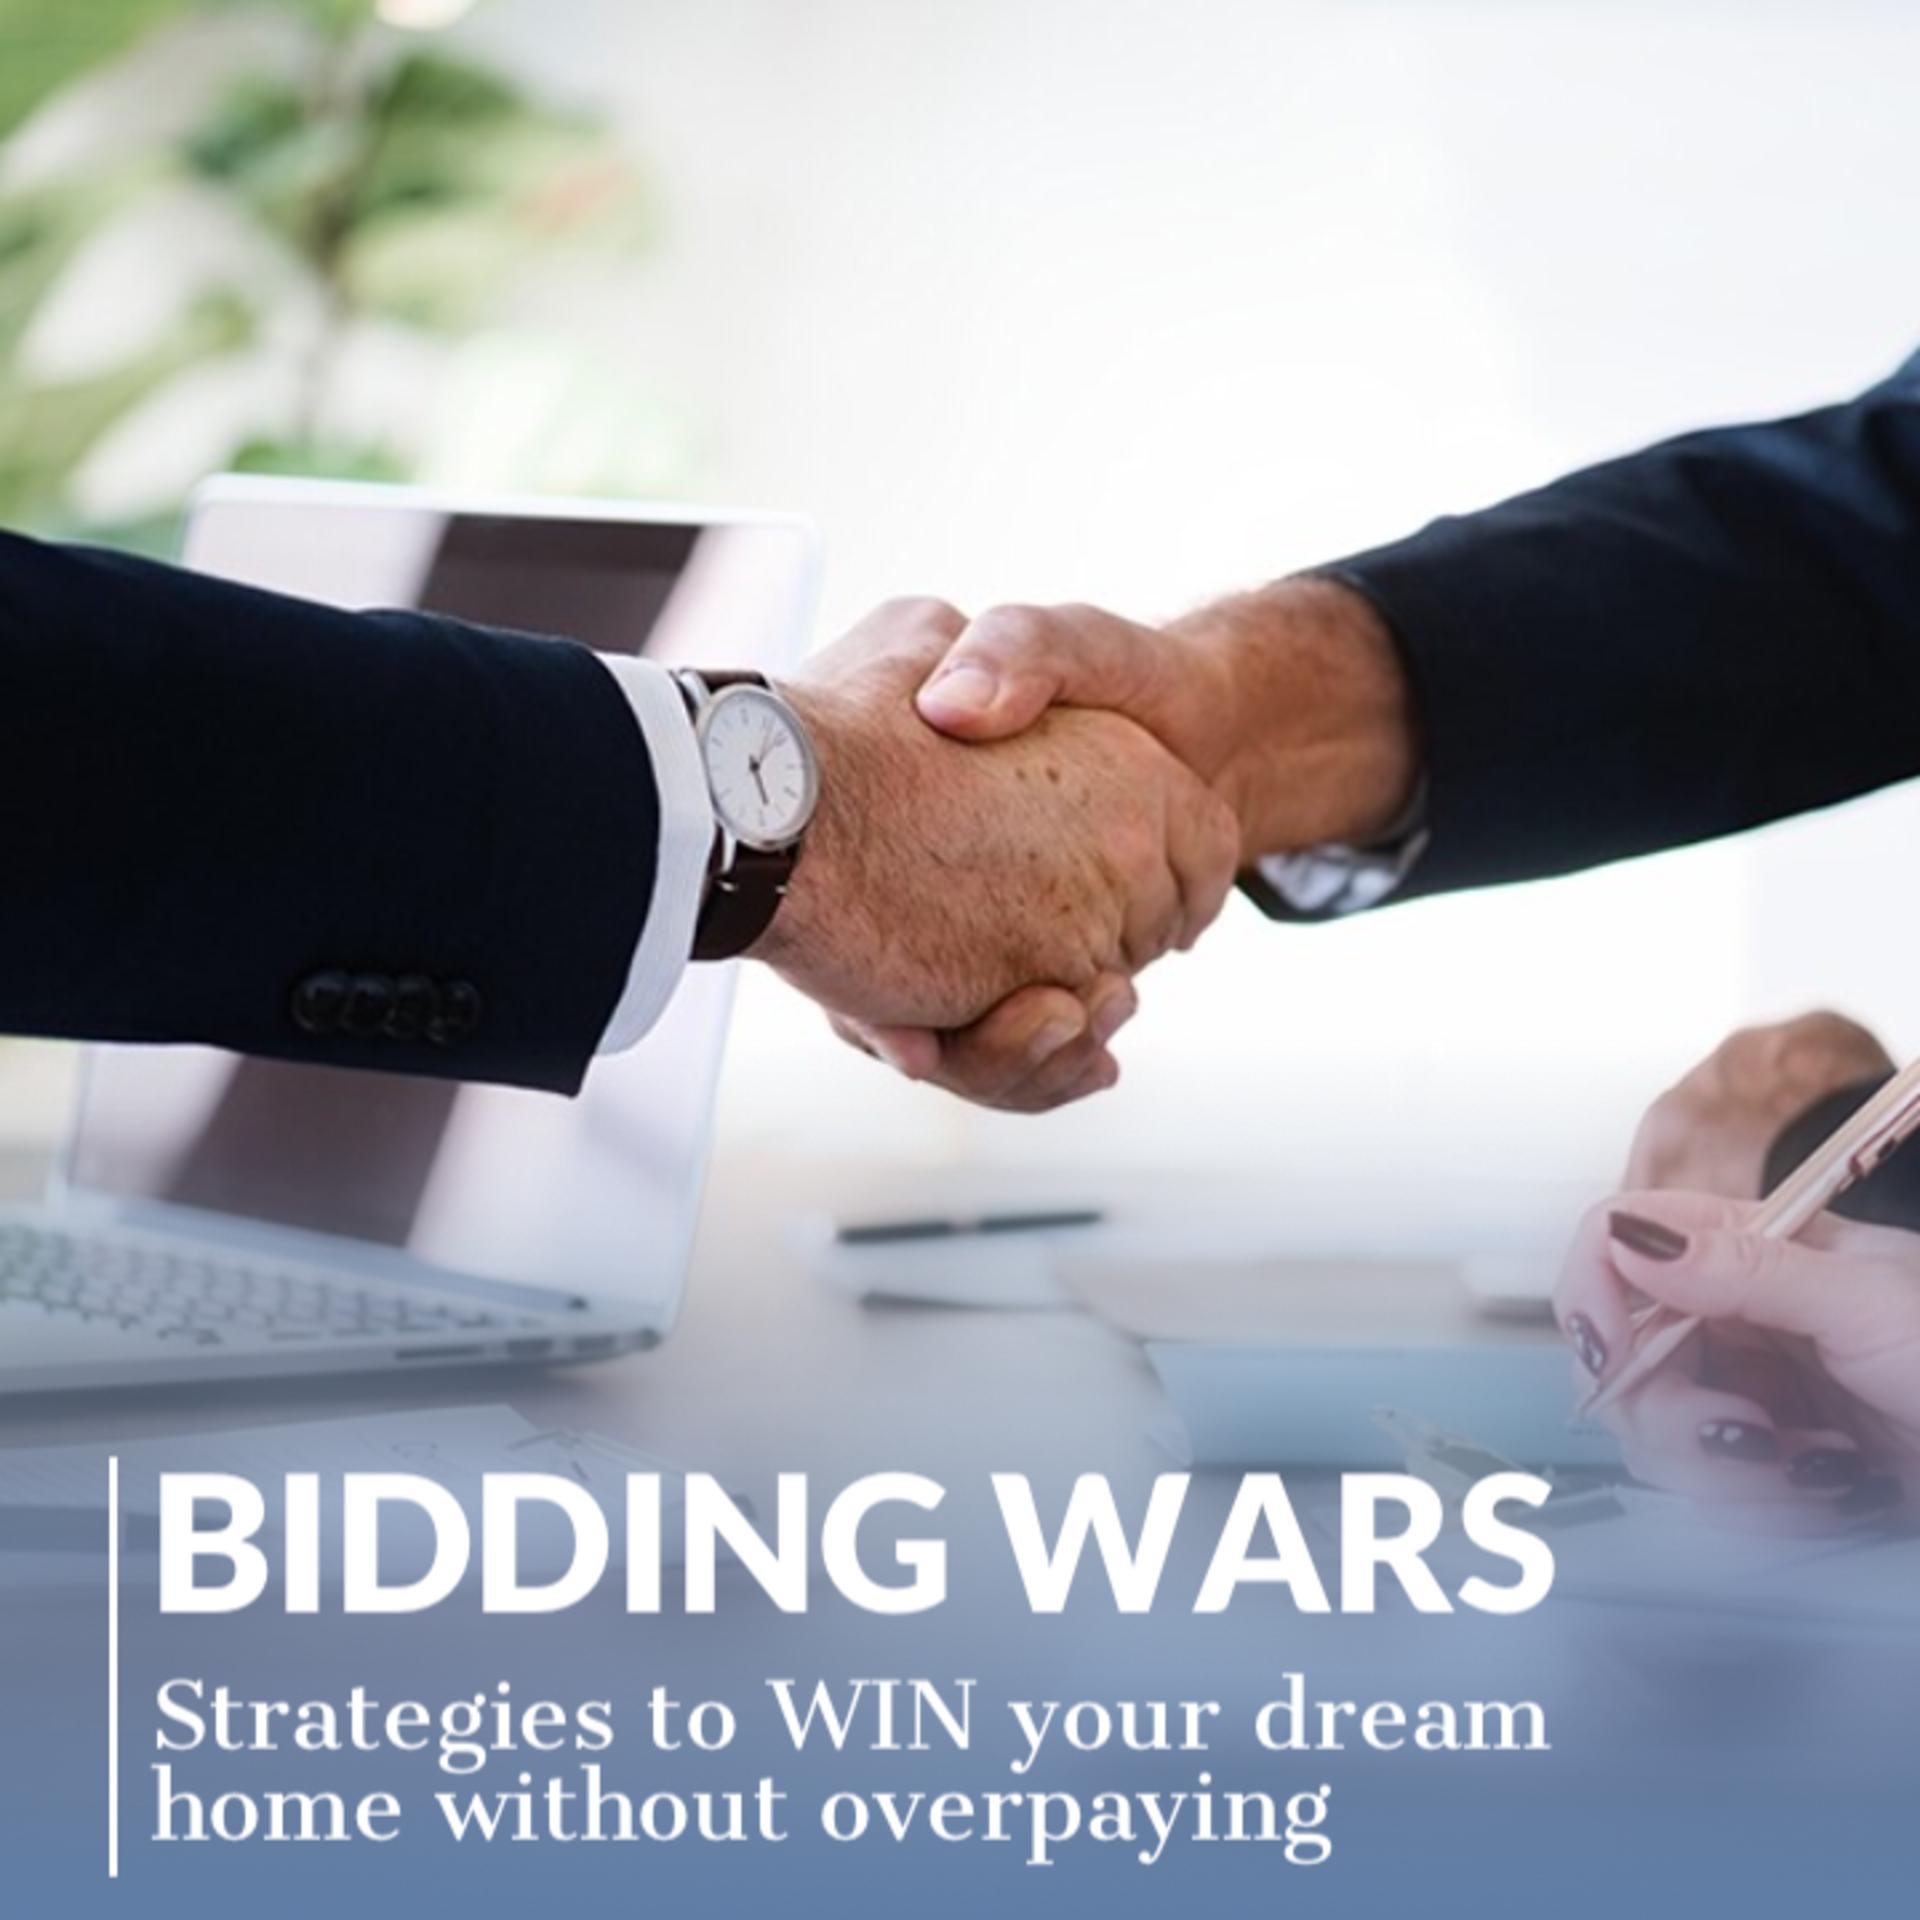 Winning a Bidding War